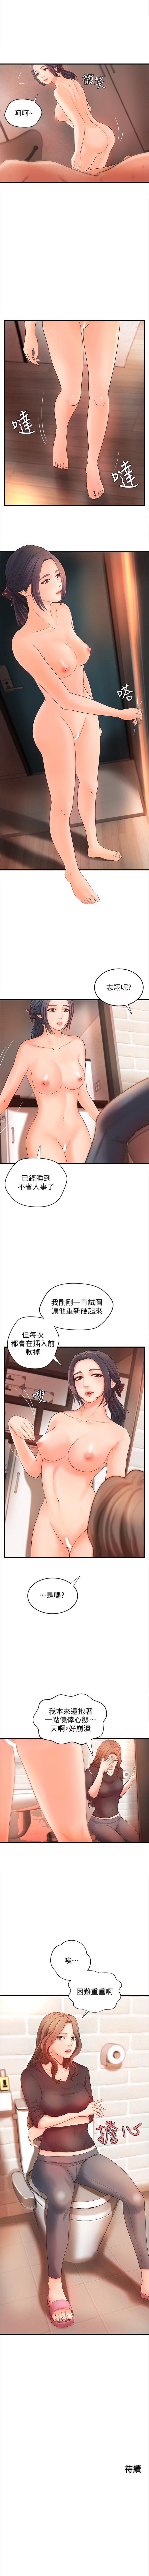 (週1)御姐的實戰教學 1-15 中文翻譯(更新中) 71